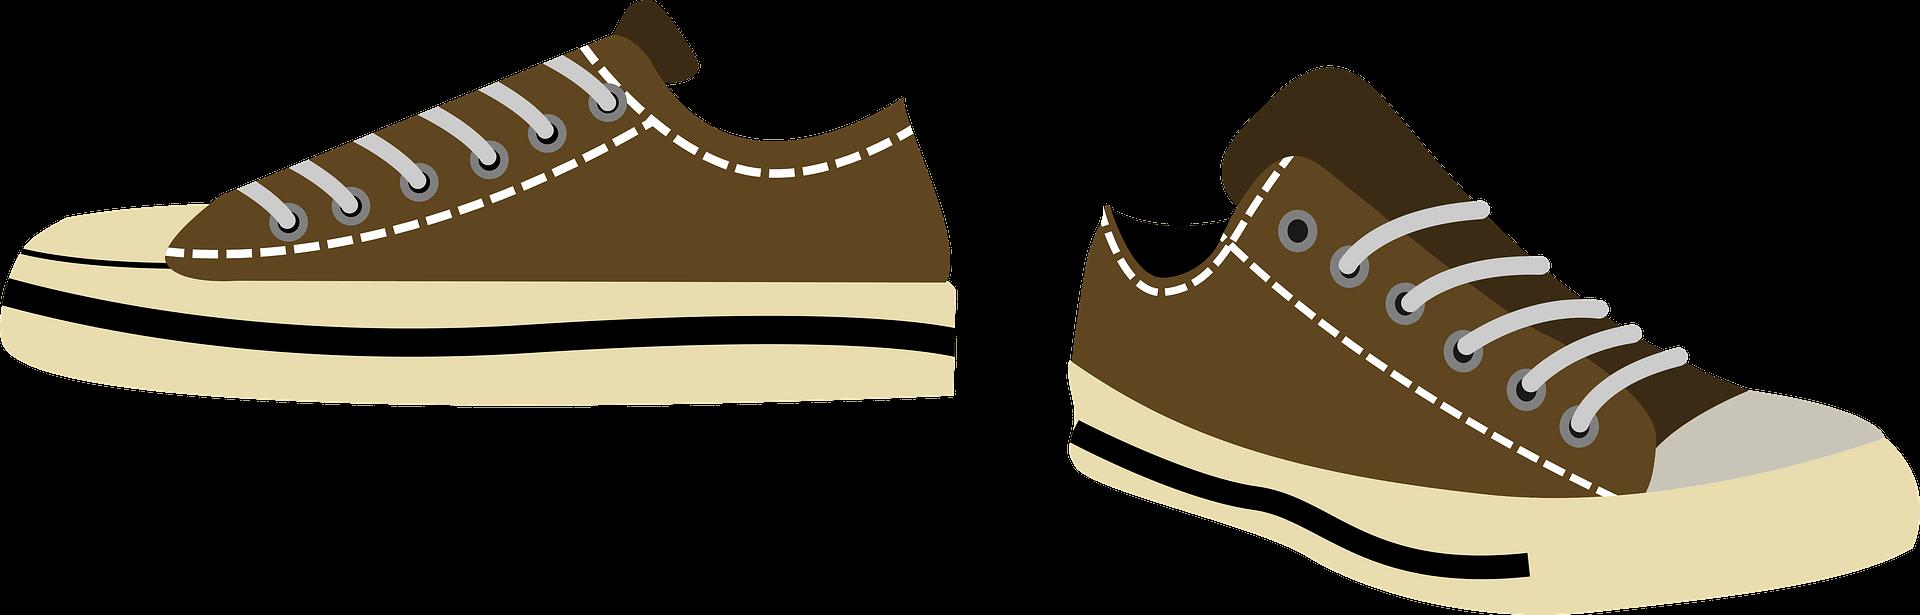 Shoes clipart transparent 5